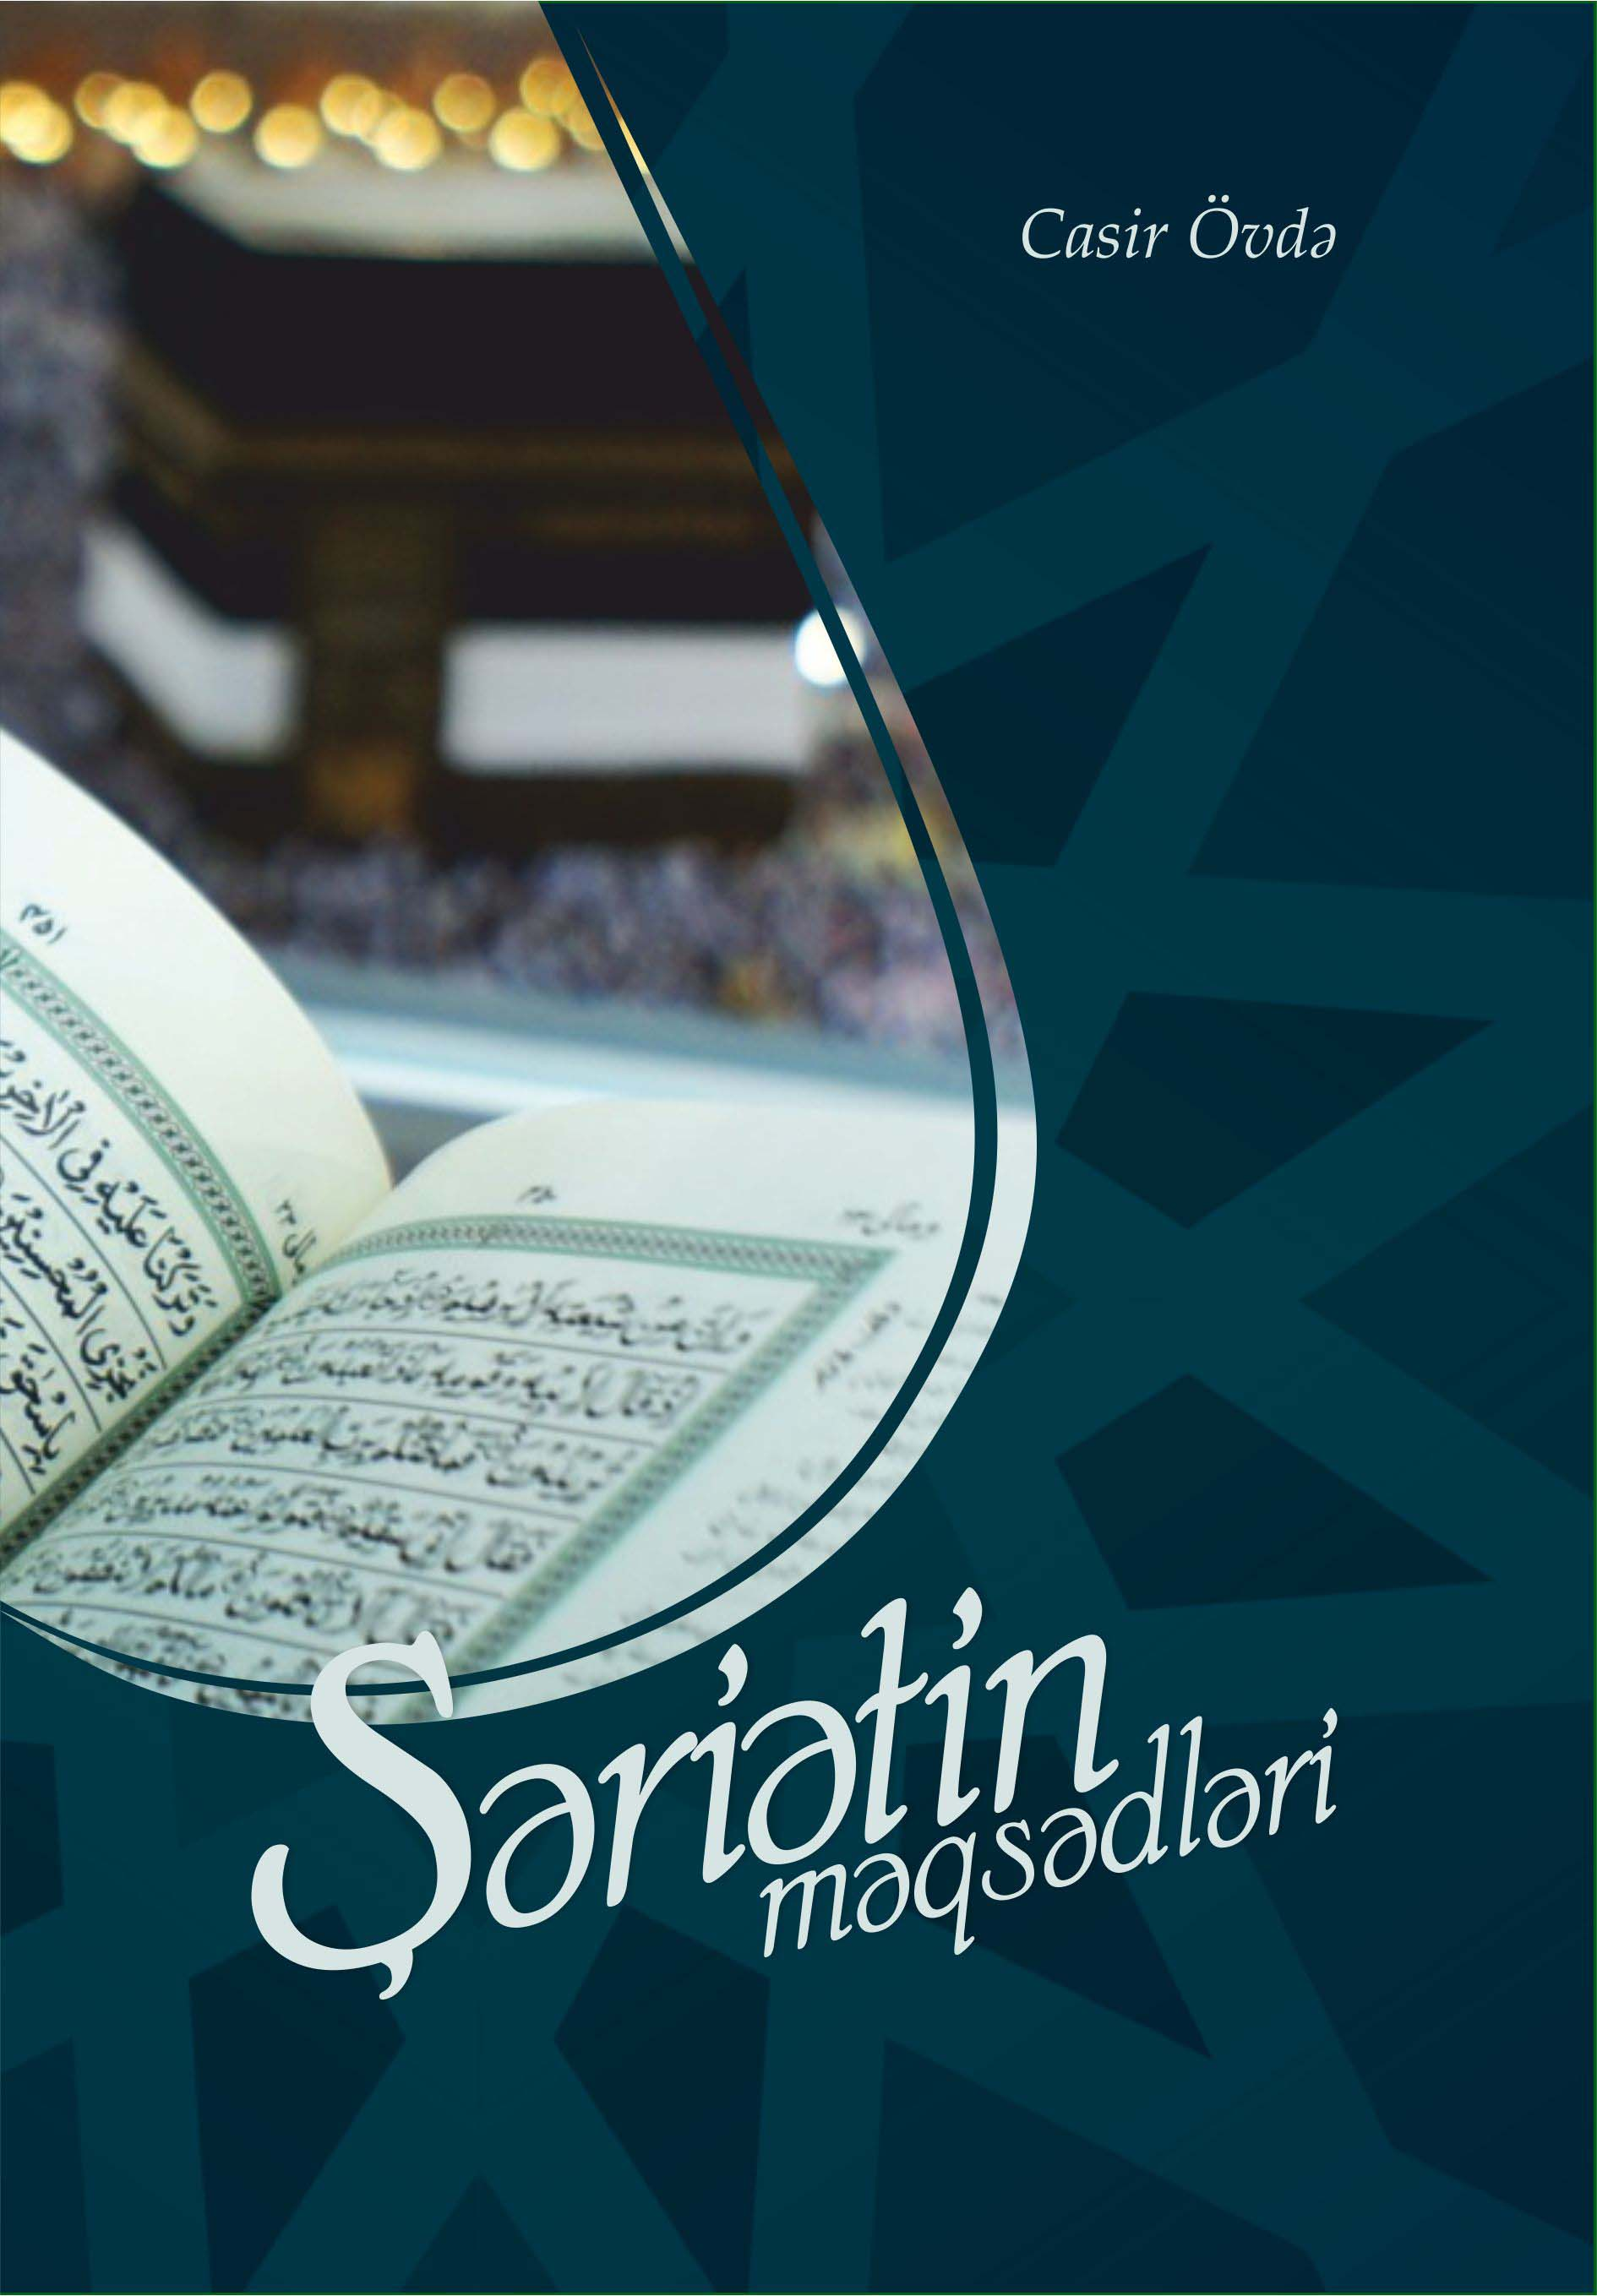 Azeri: Şəriətin məqsədləri (Maqasid Al-Shariah: A Beginner's Guide), Jasser Auda,, IDRAK, 2012, 144pp.